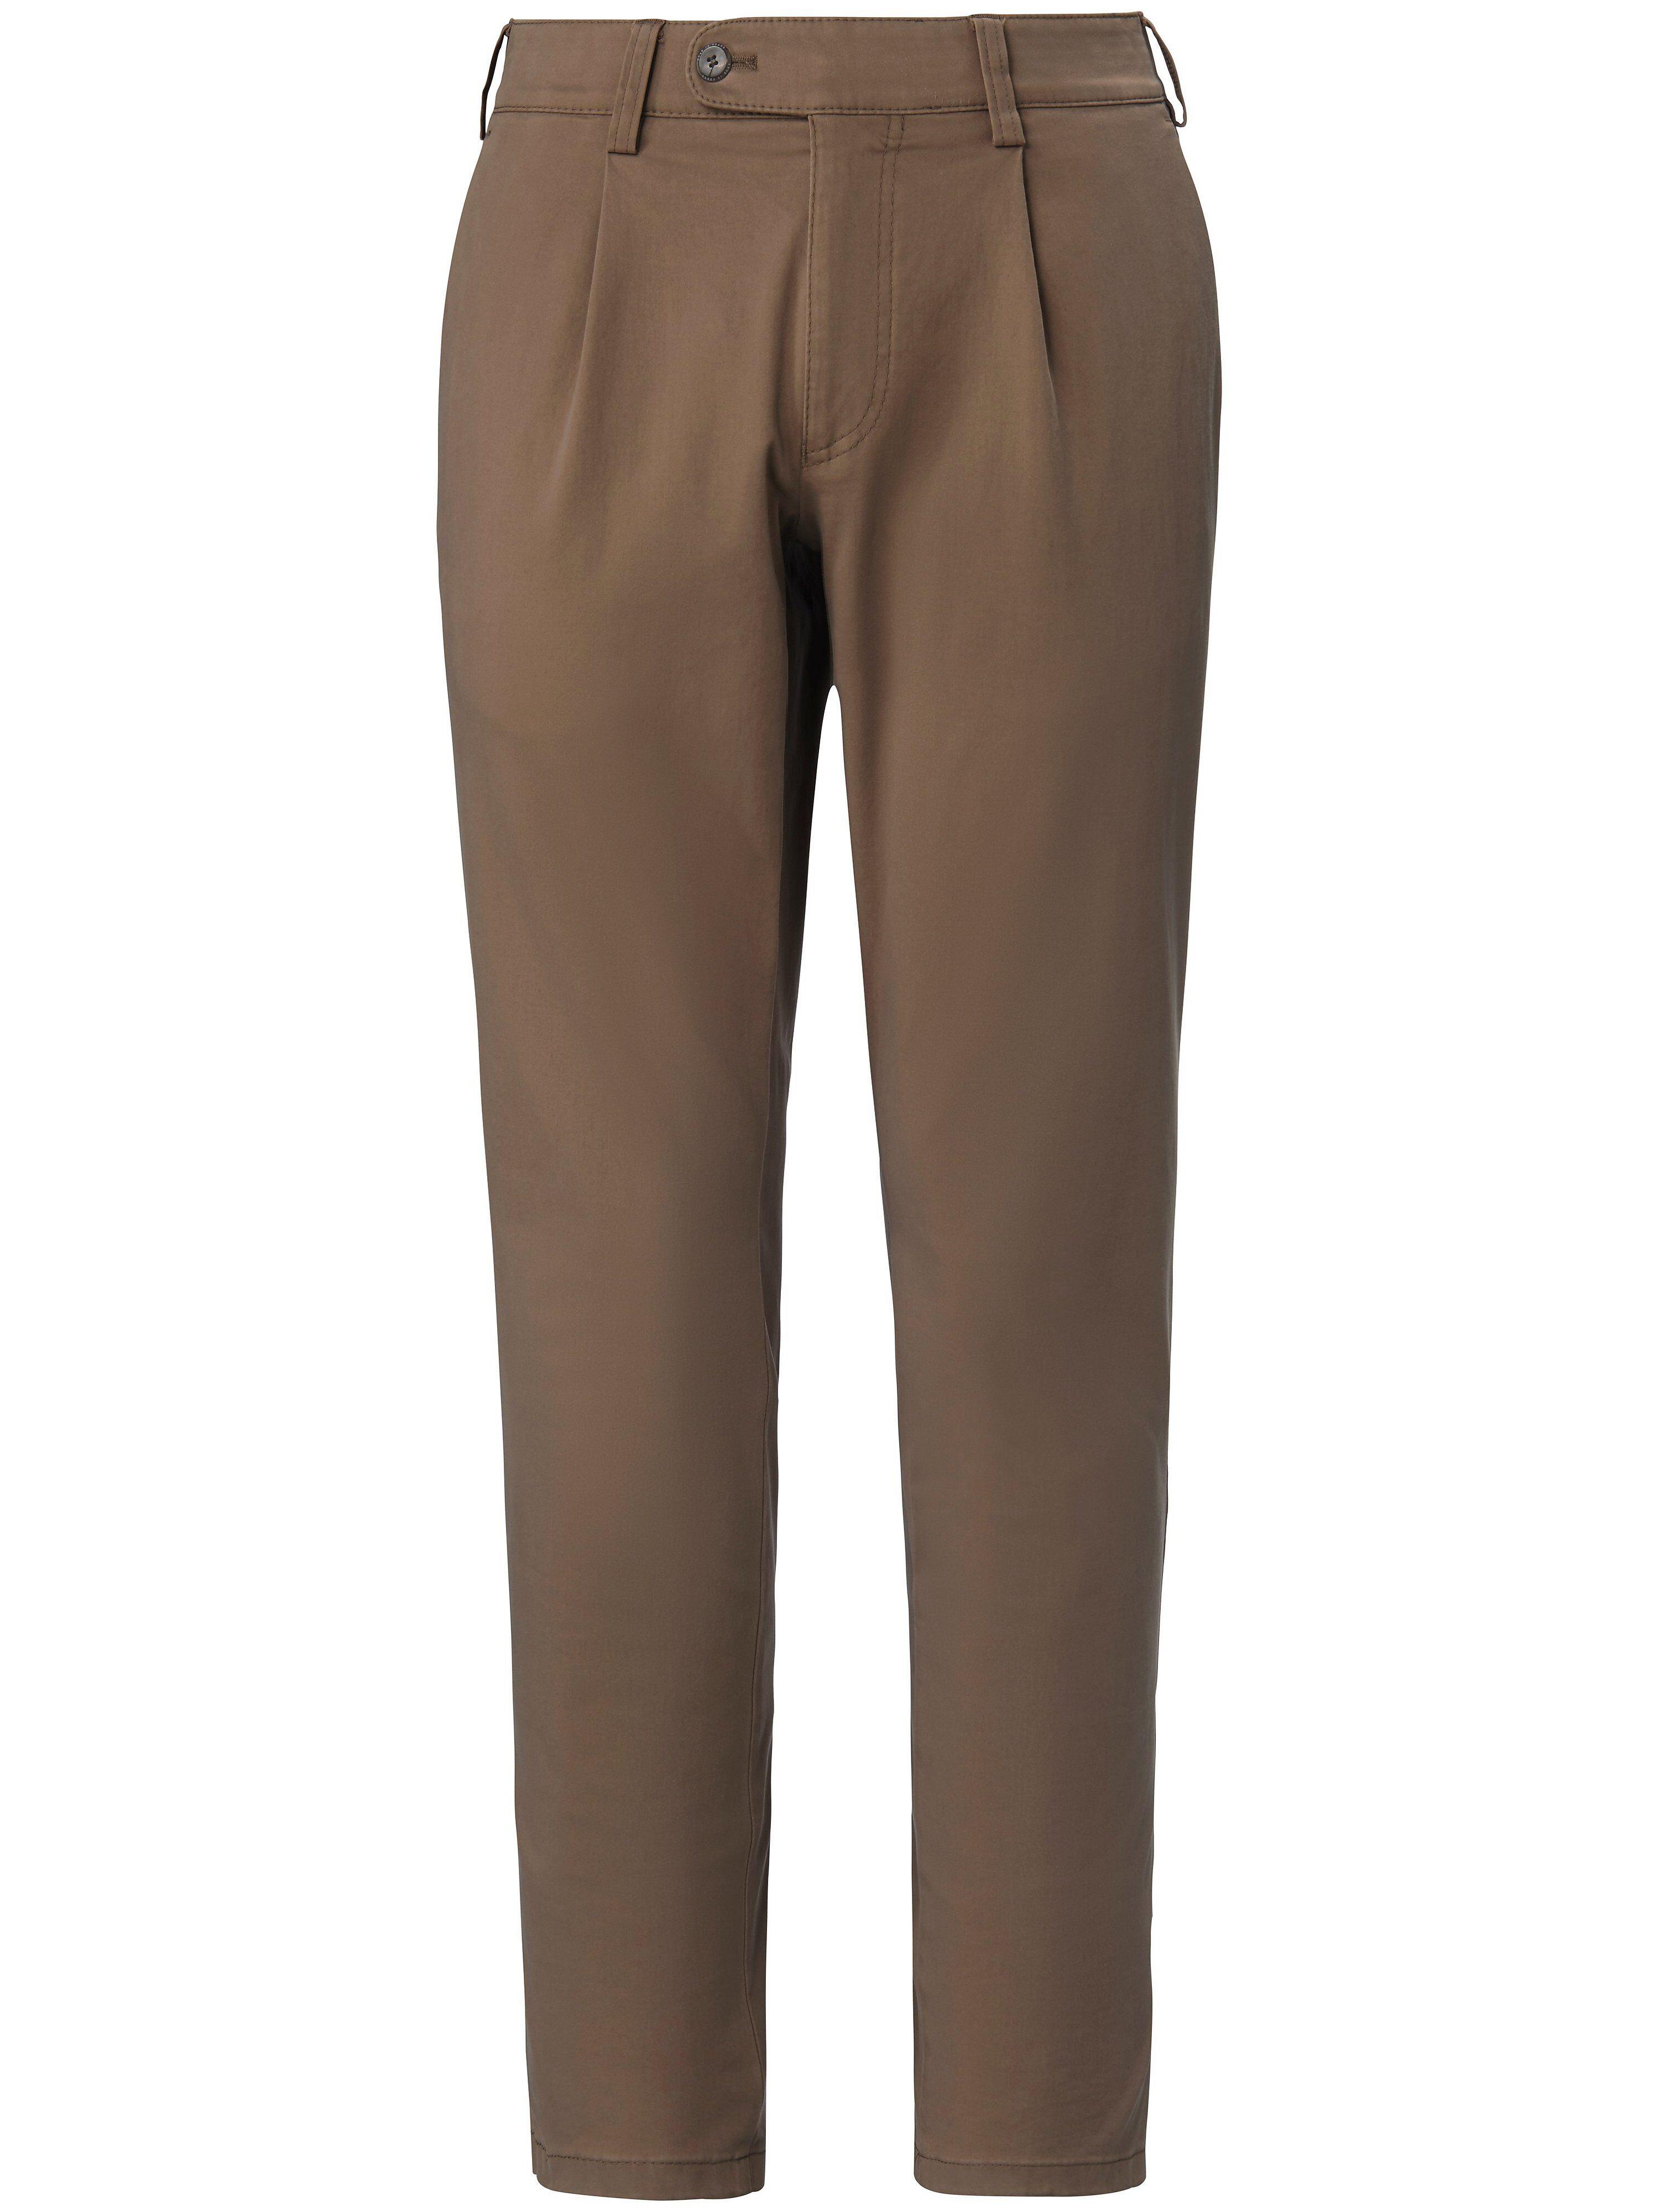 Brax Le pantalon à pinces modèle Luis  Eurex by Brax marron  - Homme - 25